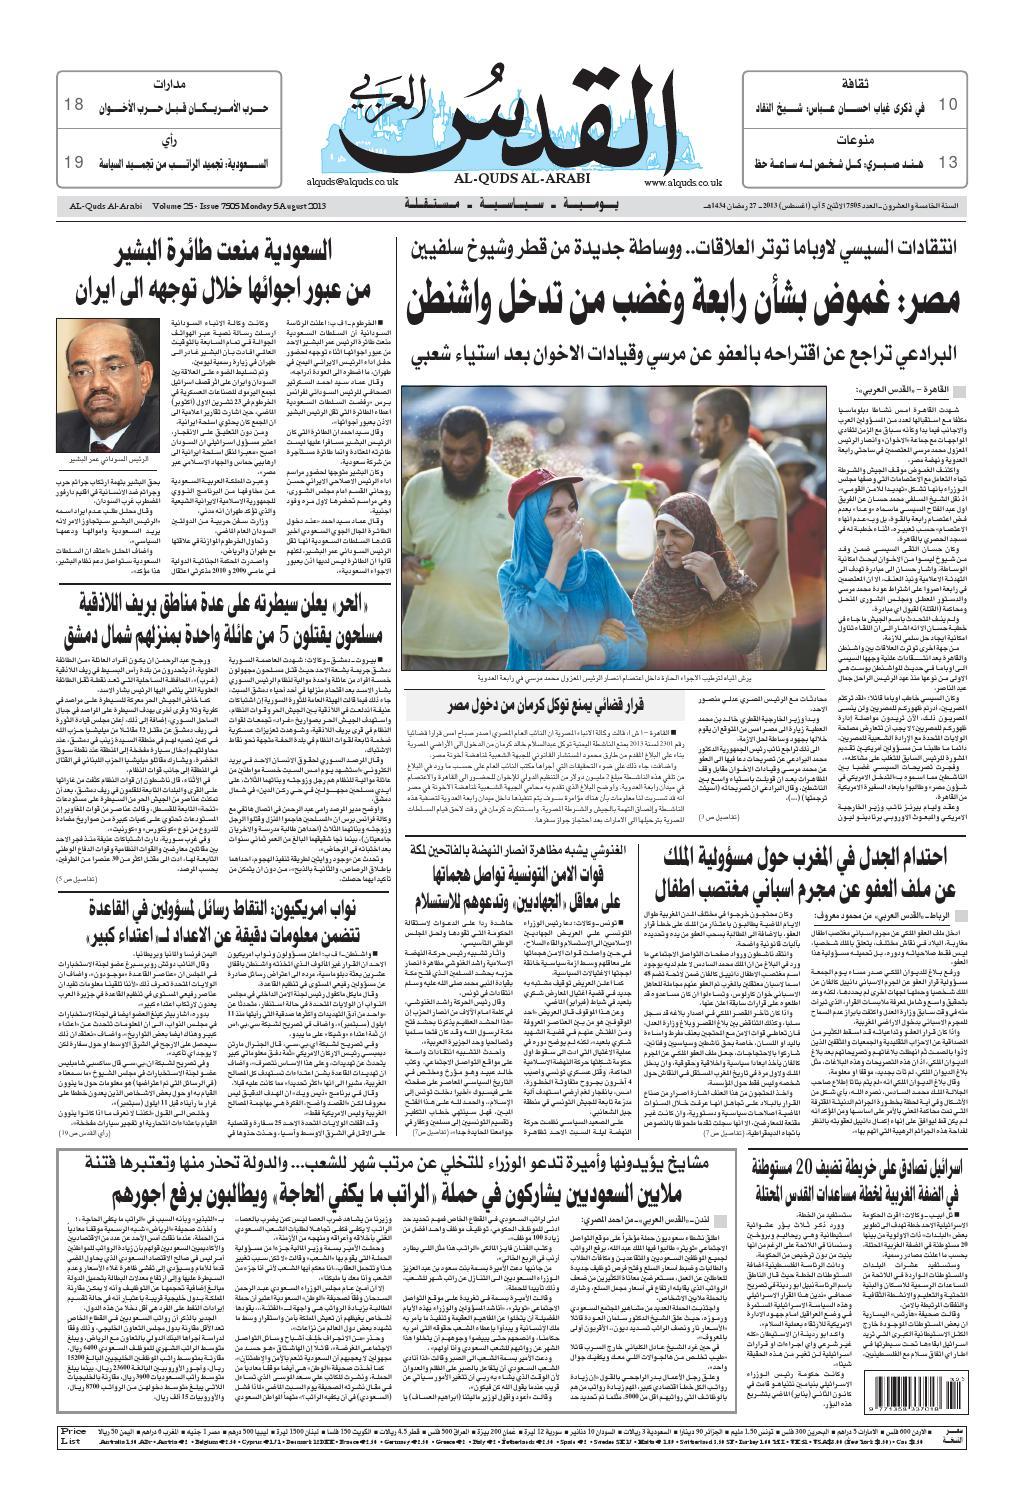 c3855d314 صحيفة القدس العربي , الإثنين 05.08.2013 by مركز الحدث - issuu